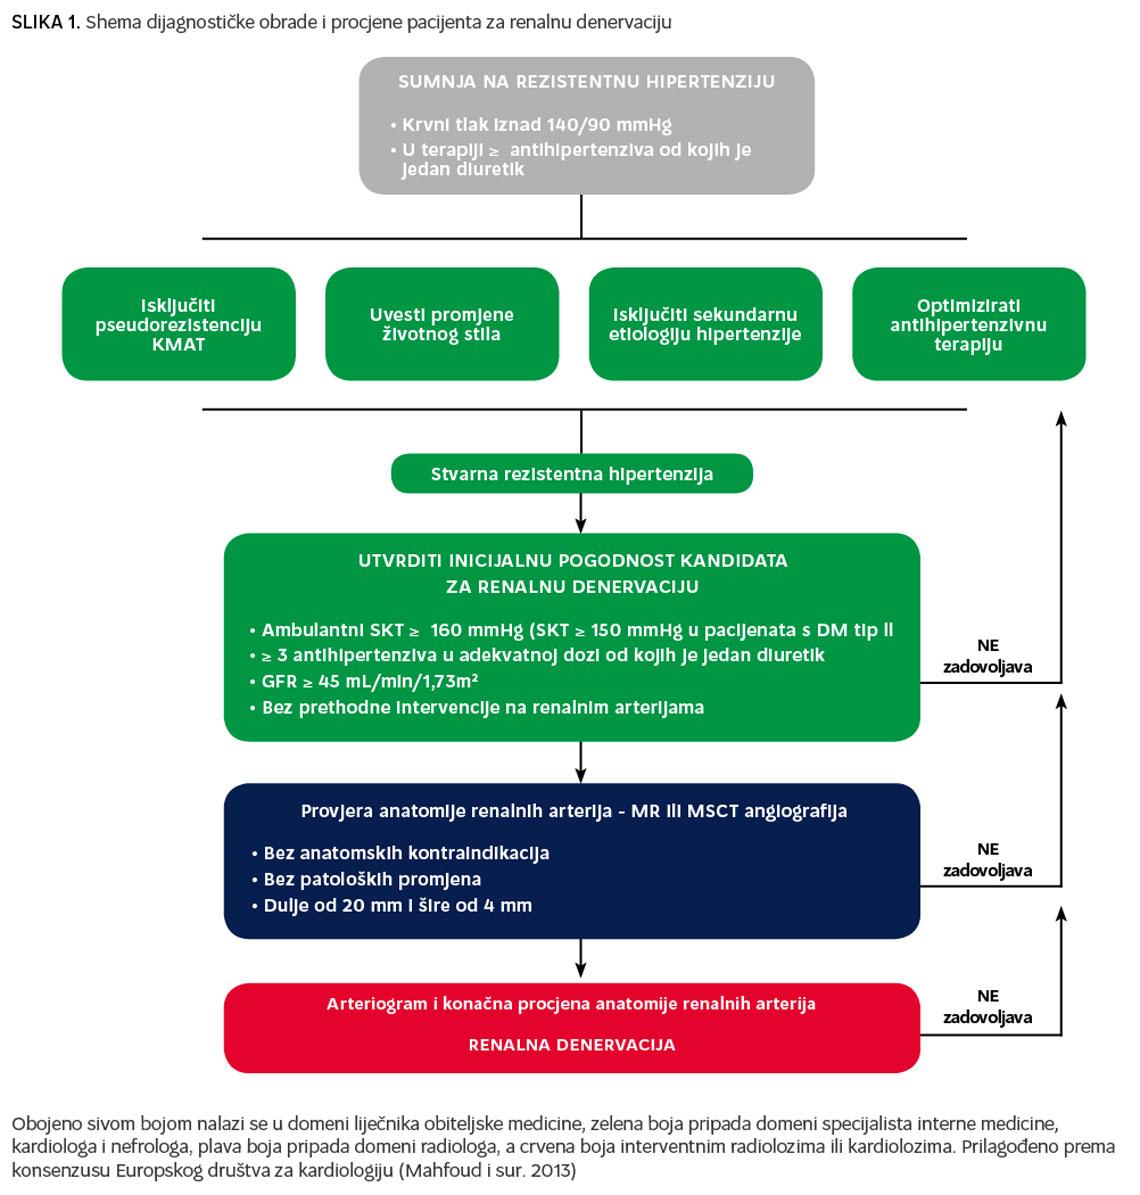 za liječenje hipertenzije terapije